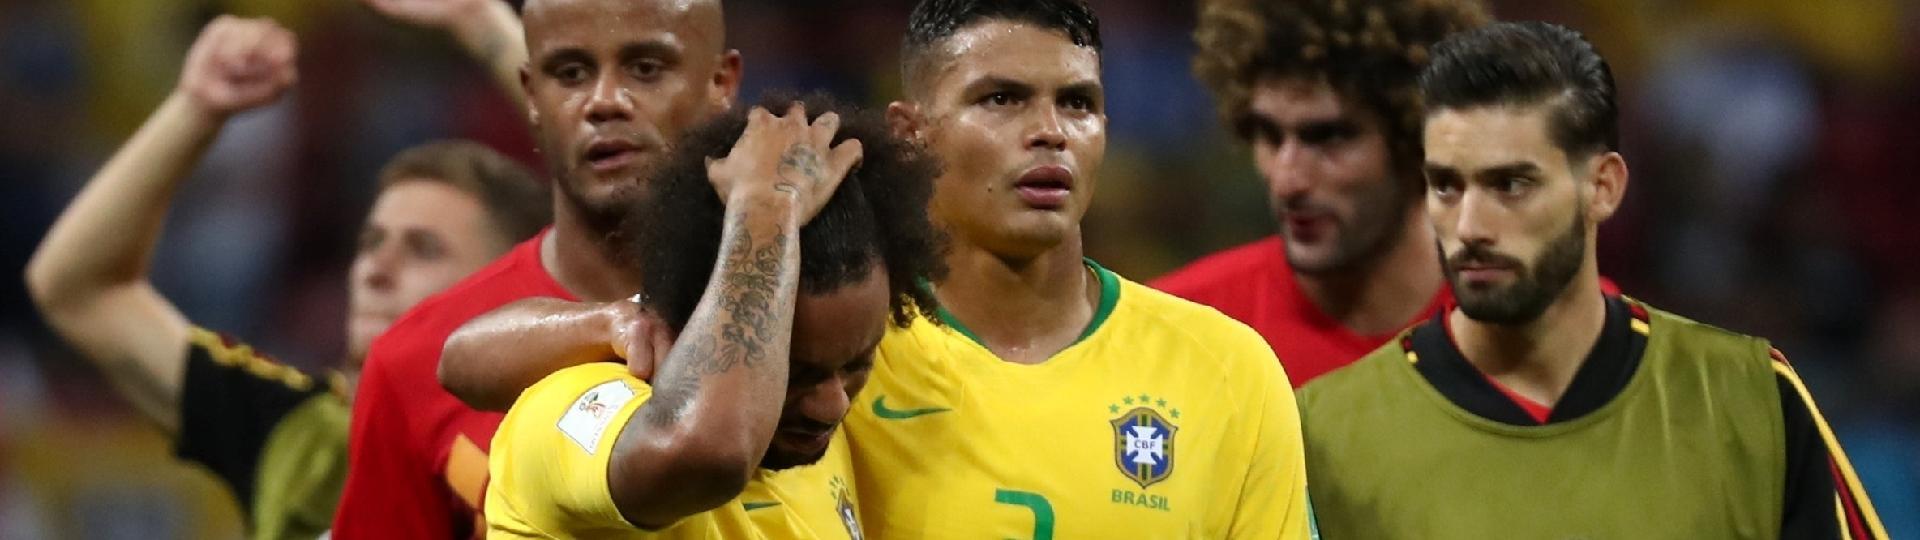 Thiago Silva consola Marcelo após derrota do Brasil para a Bélgica